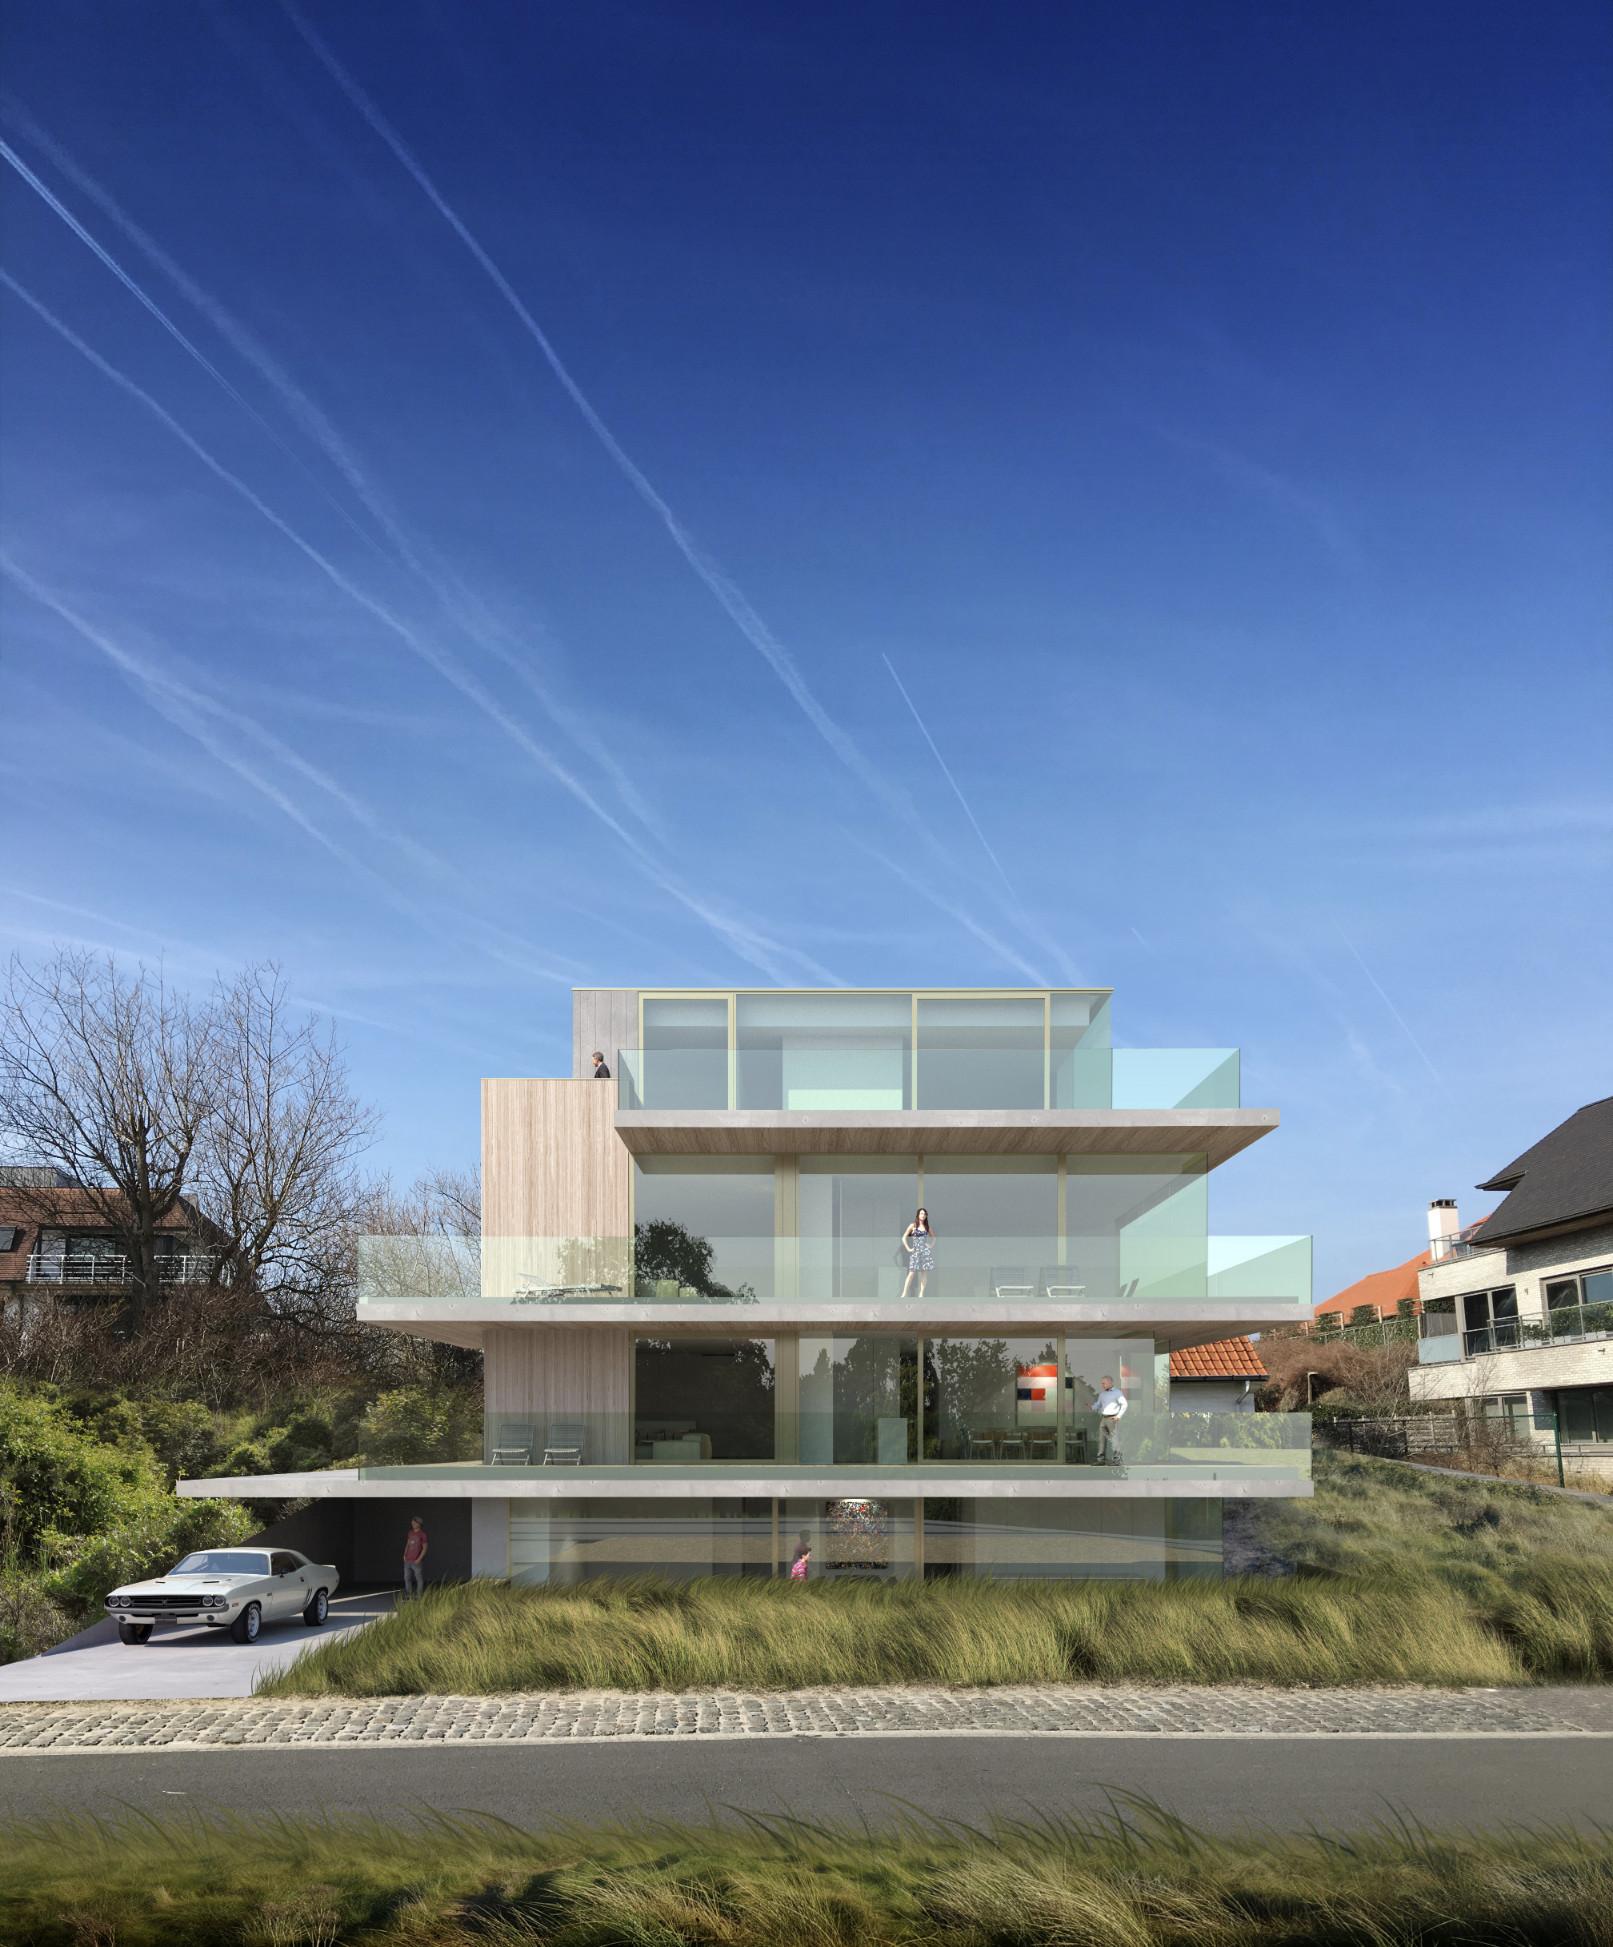 Rietveldproject - Hannes Meyer - Oostduinkerke 1.jpg